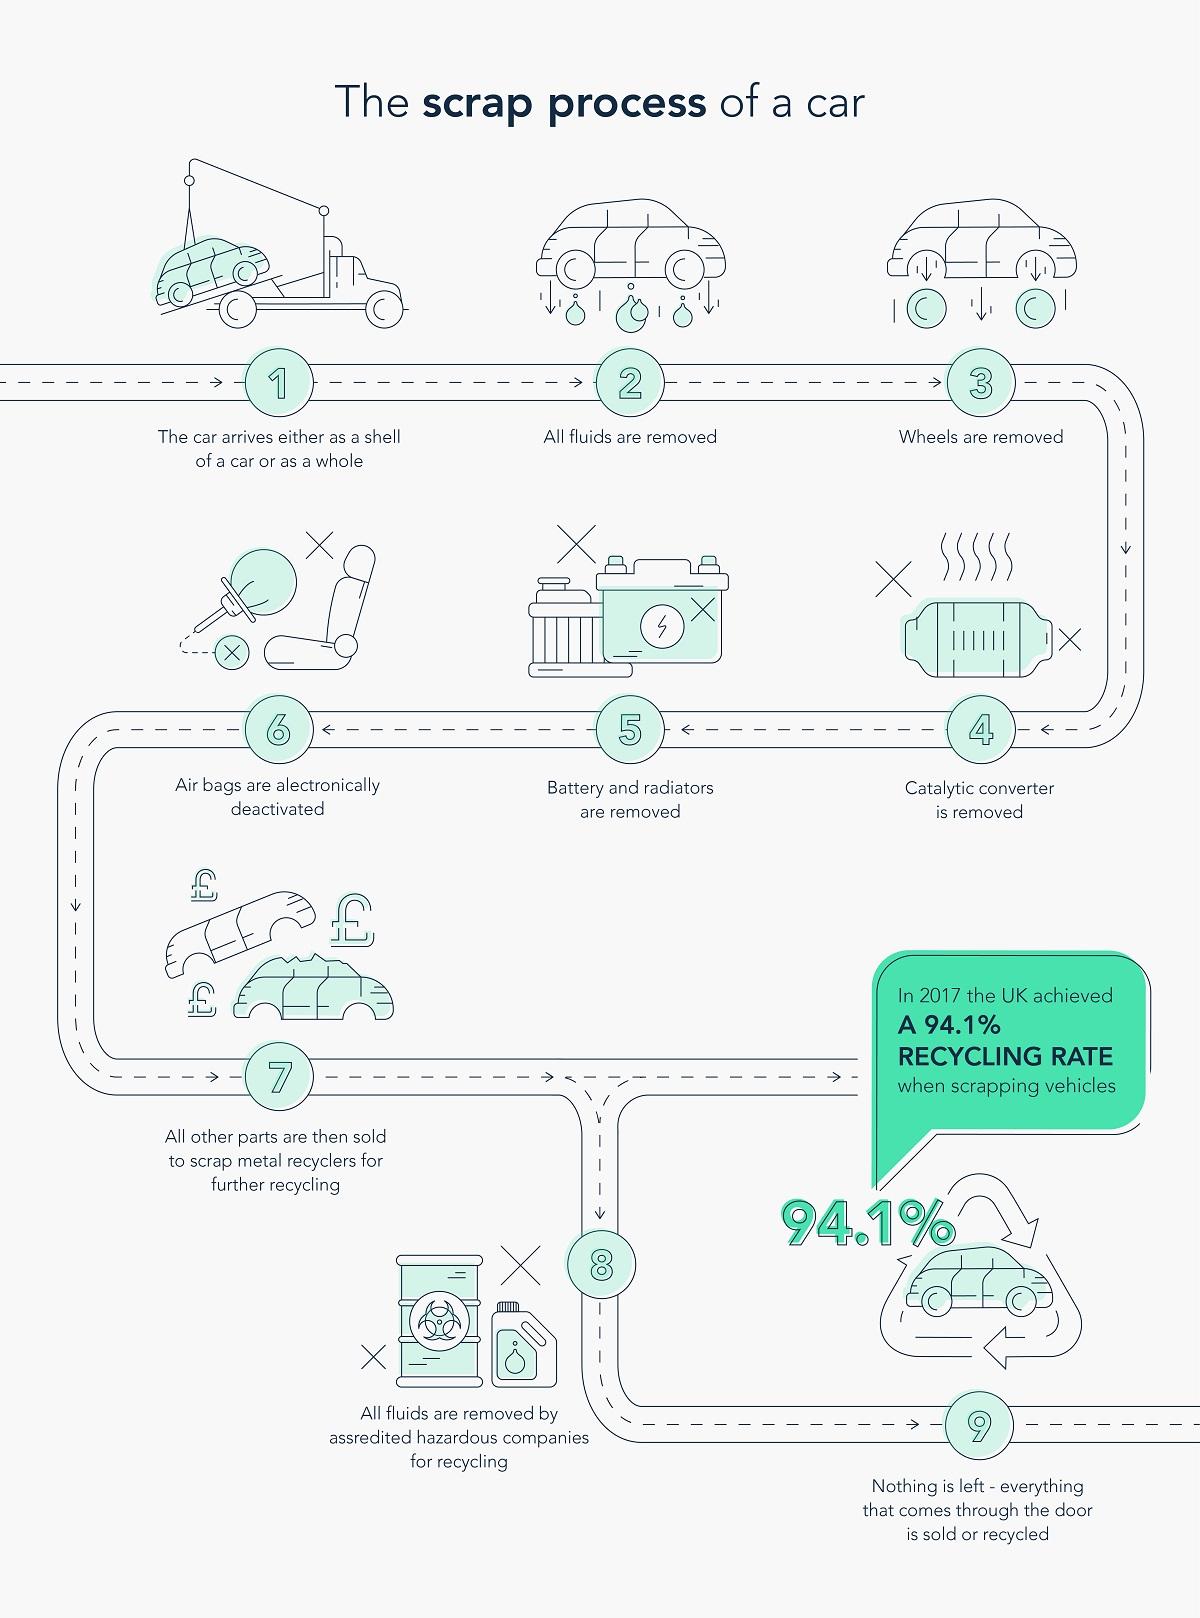 The scrap process of a scrap car